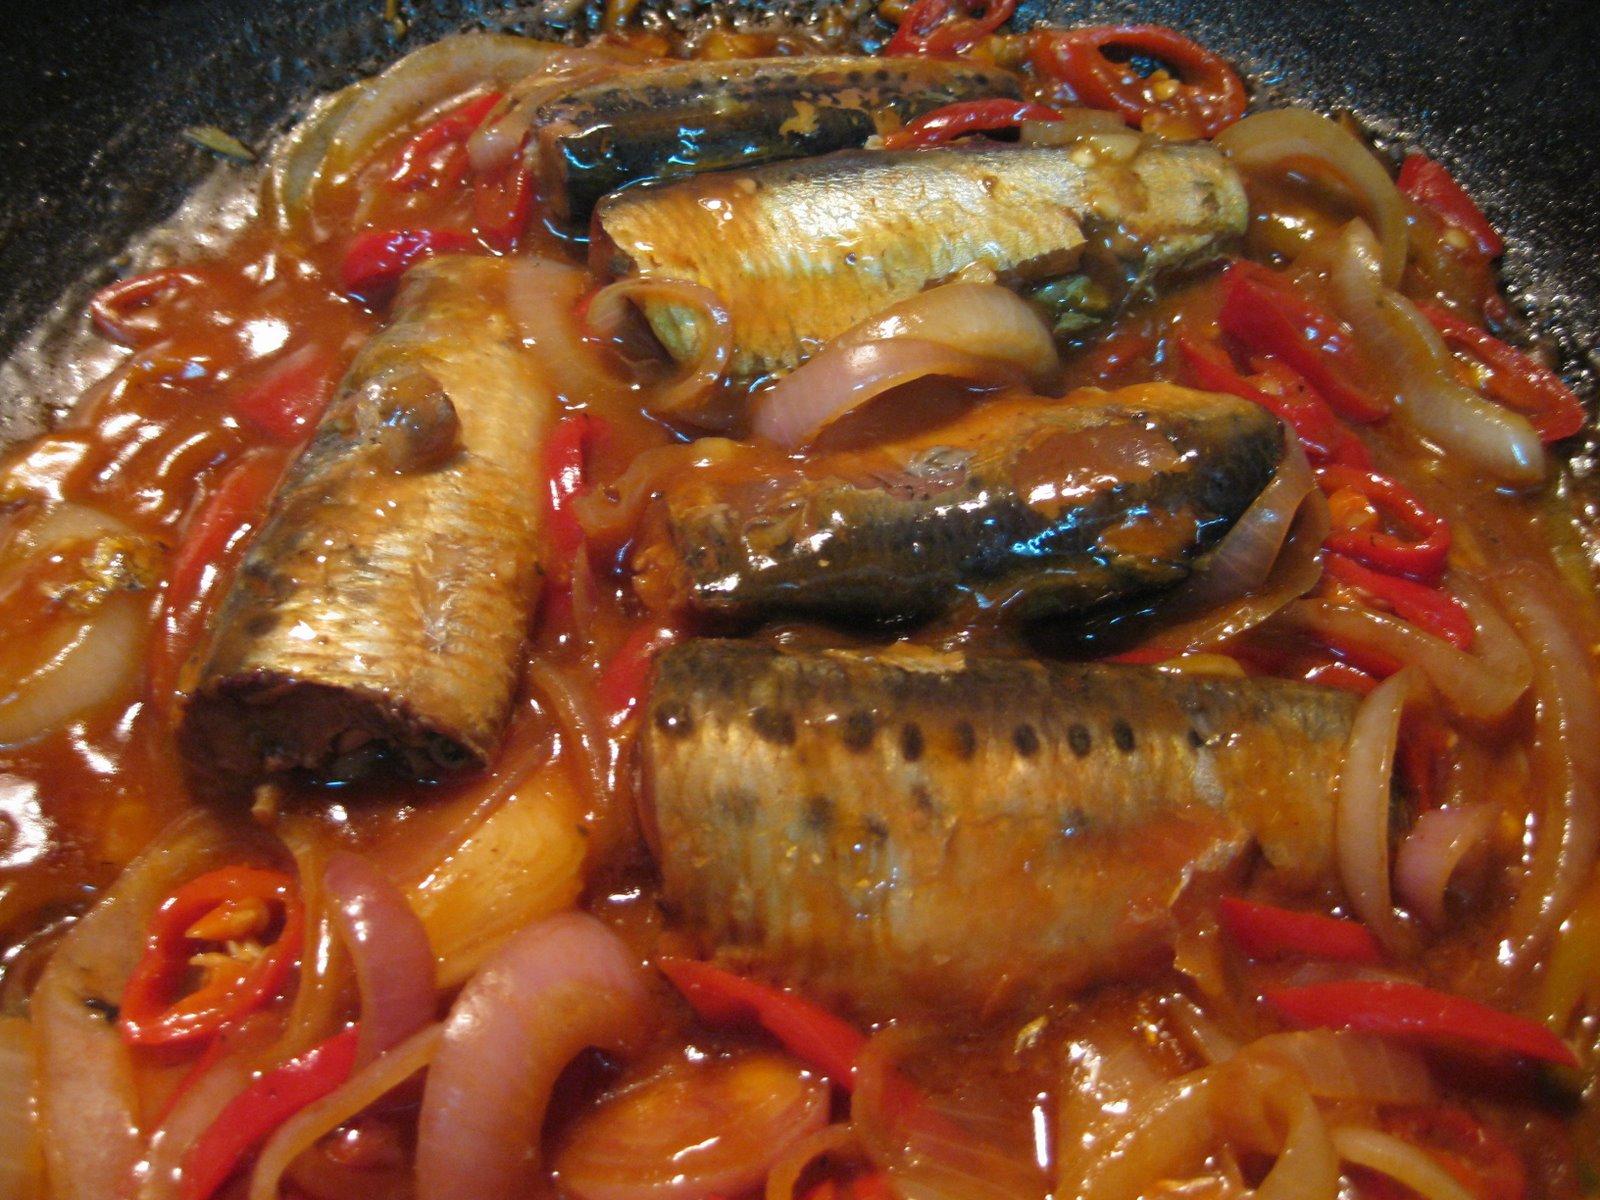 RESEPI NENNIE KHUZAIFAH: Sambal sardin